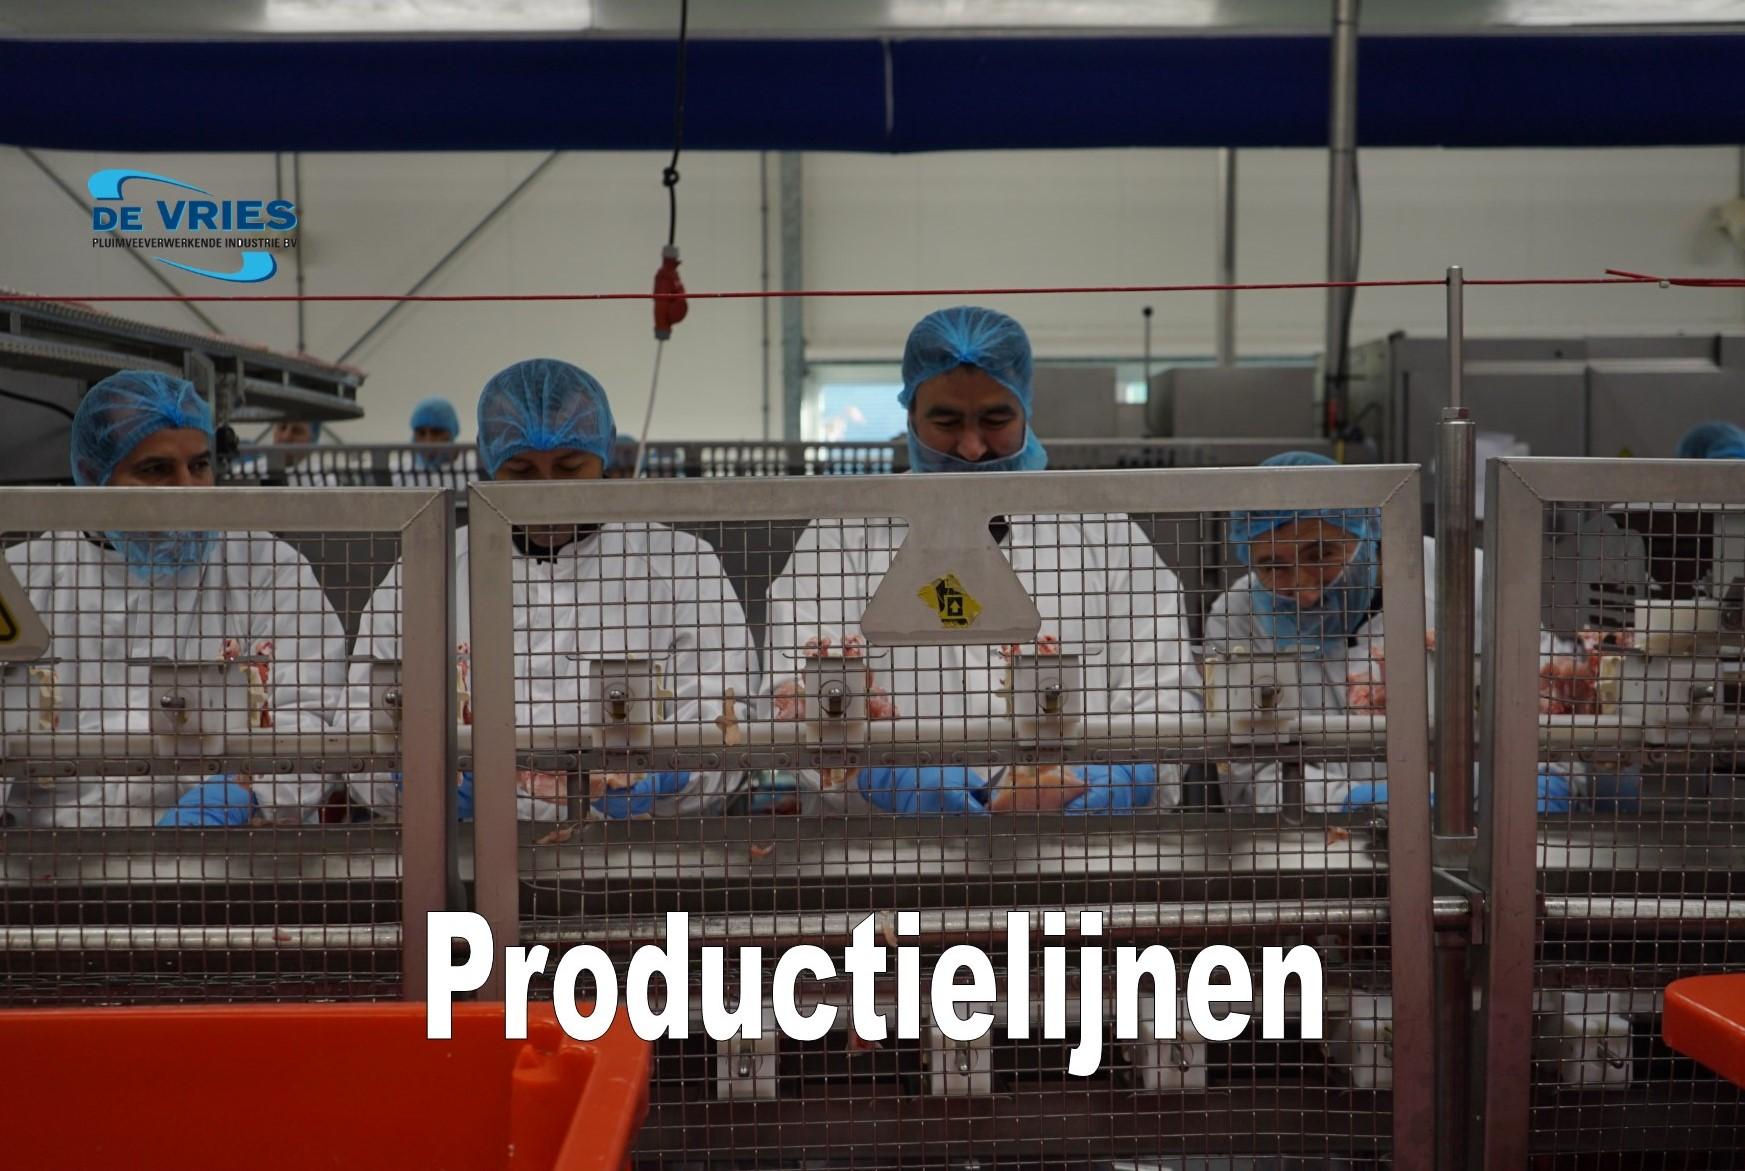 http://devriesnijkerk.nl/wp-content/uploads/2017/03/Productielijnen.jpg